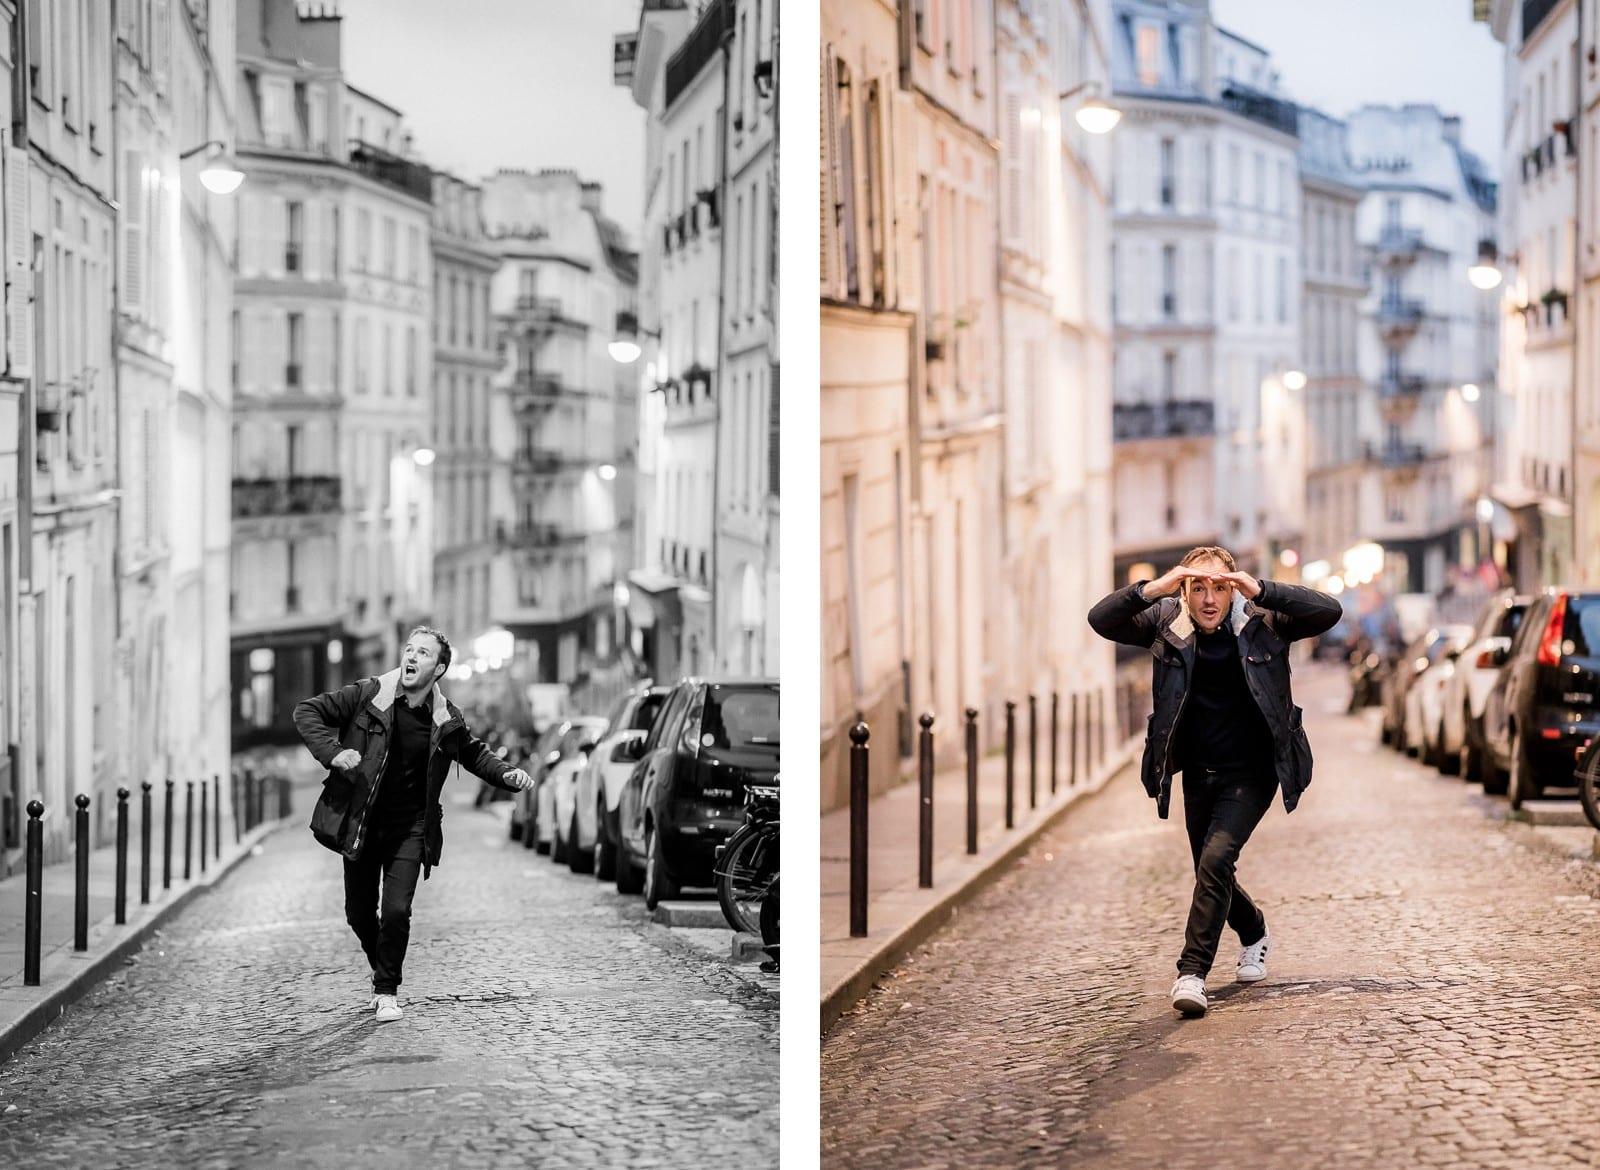 Photographie de Mathieu Dété, photographe de mariage et portrait sur l'île de la Réunion (974), présentant un portrait du chanteur Benoît Dorémus qui rigole et marche dans une ruelle de Paris